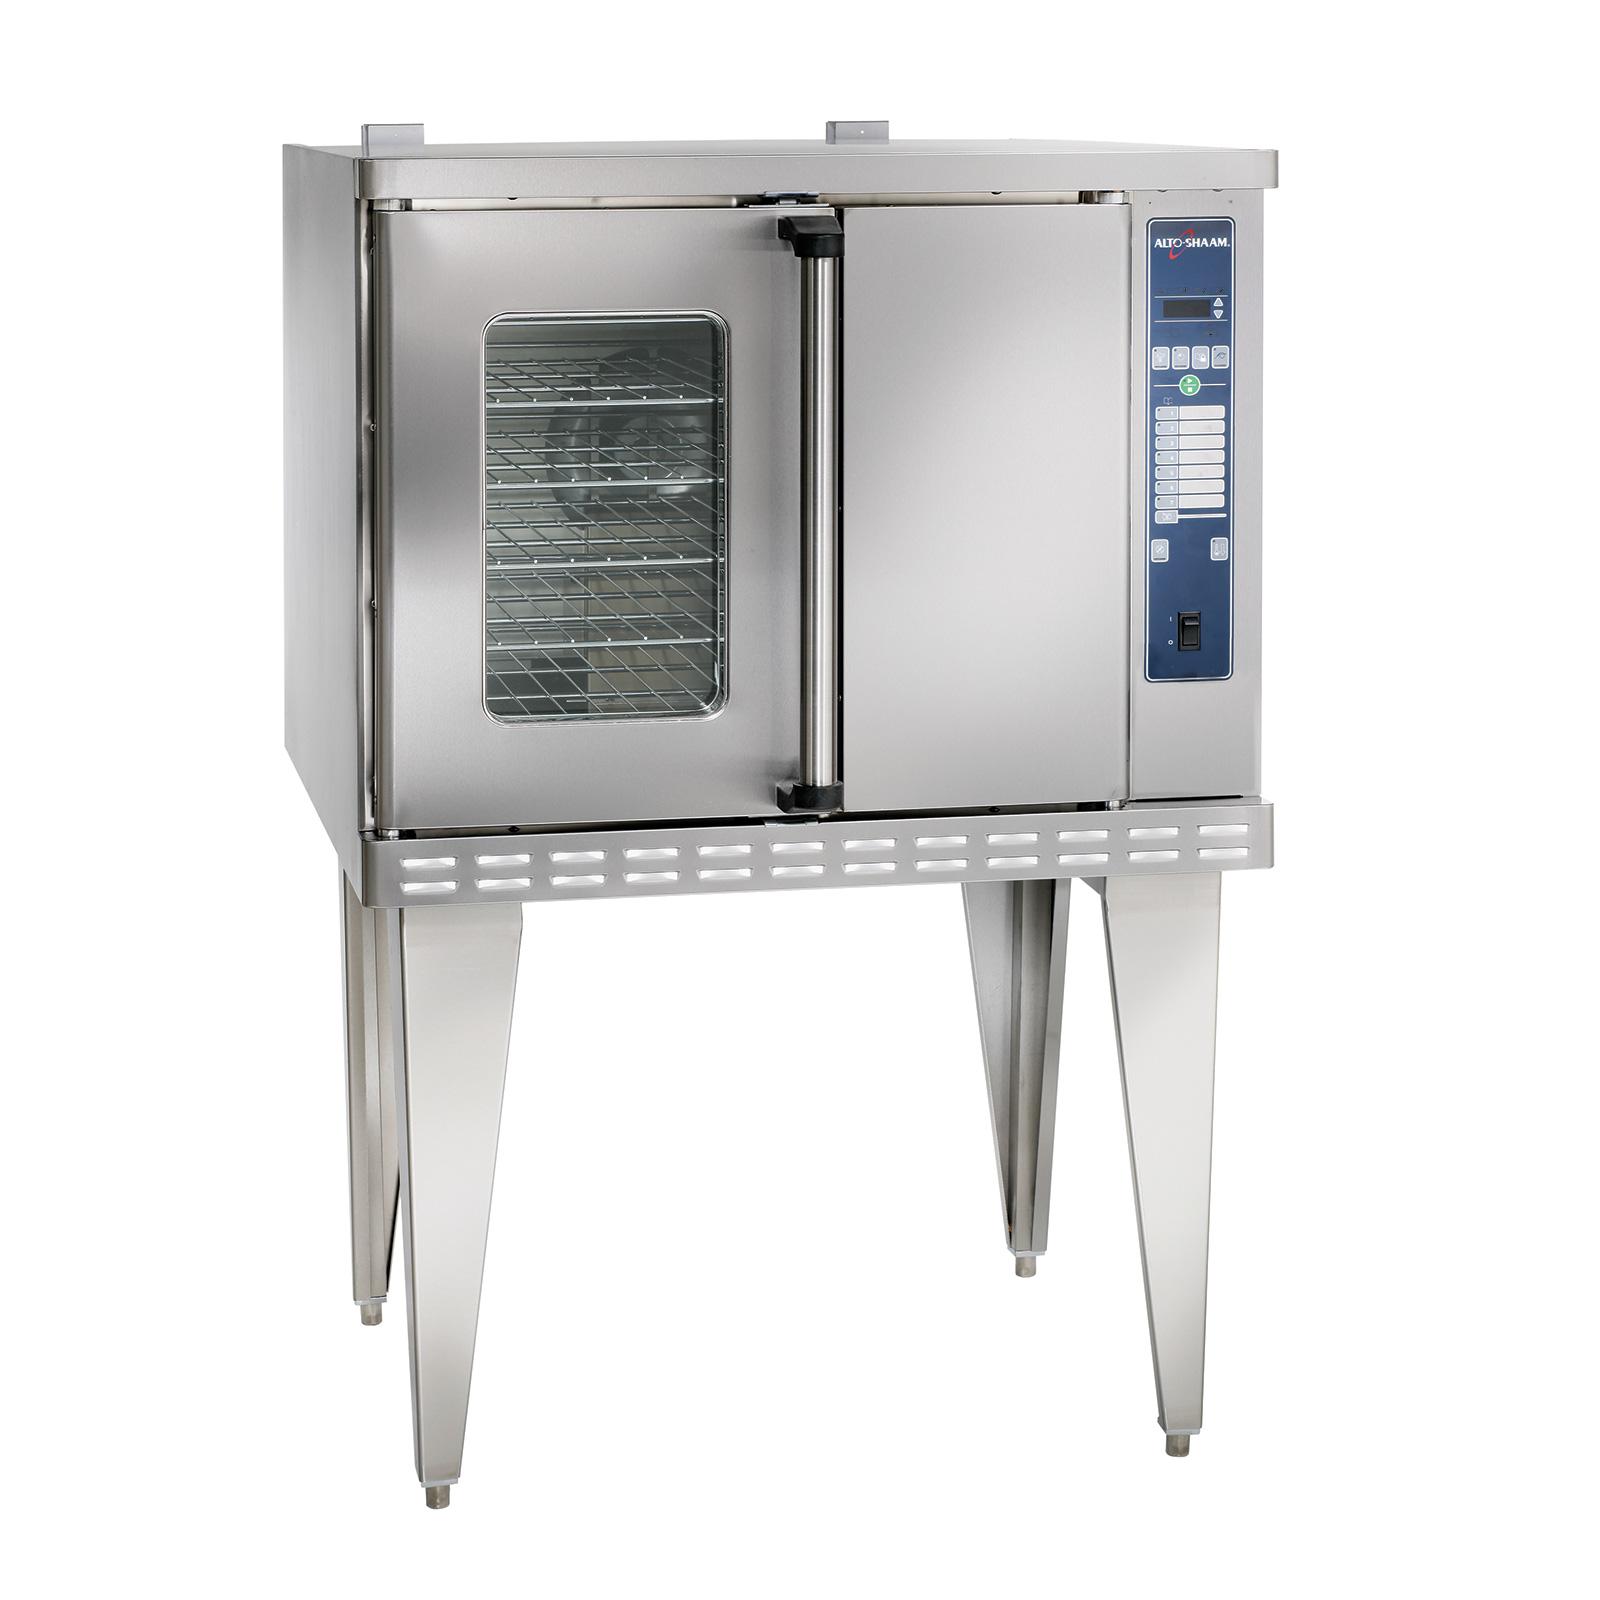 Alto-Shaam ASC-4E/E convection oven, electric